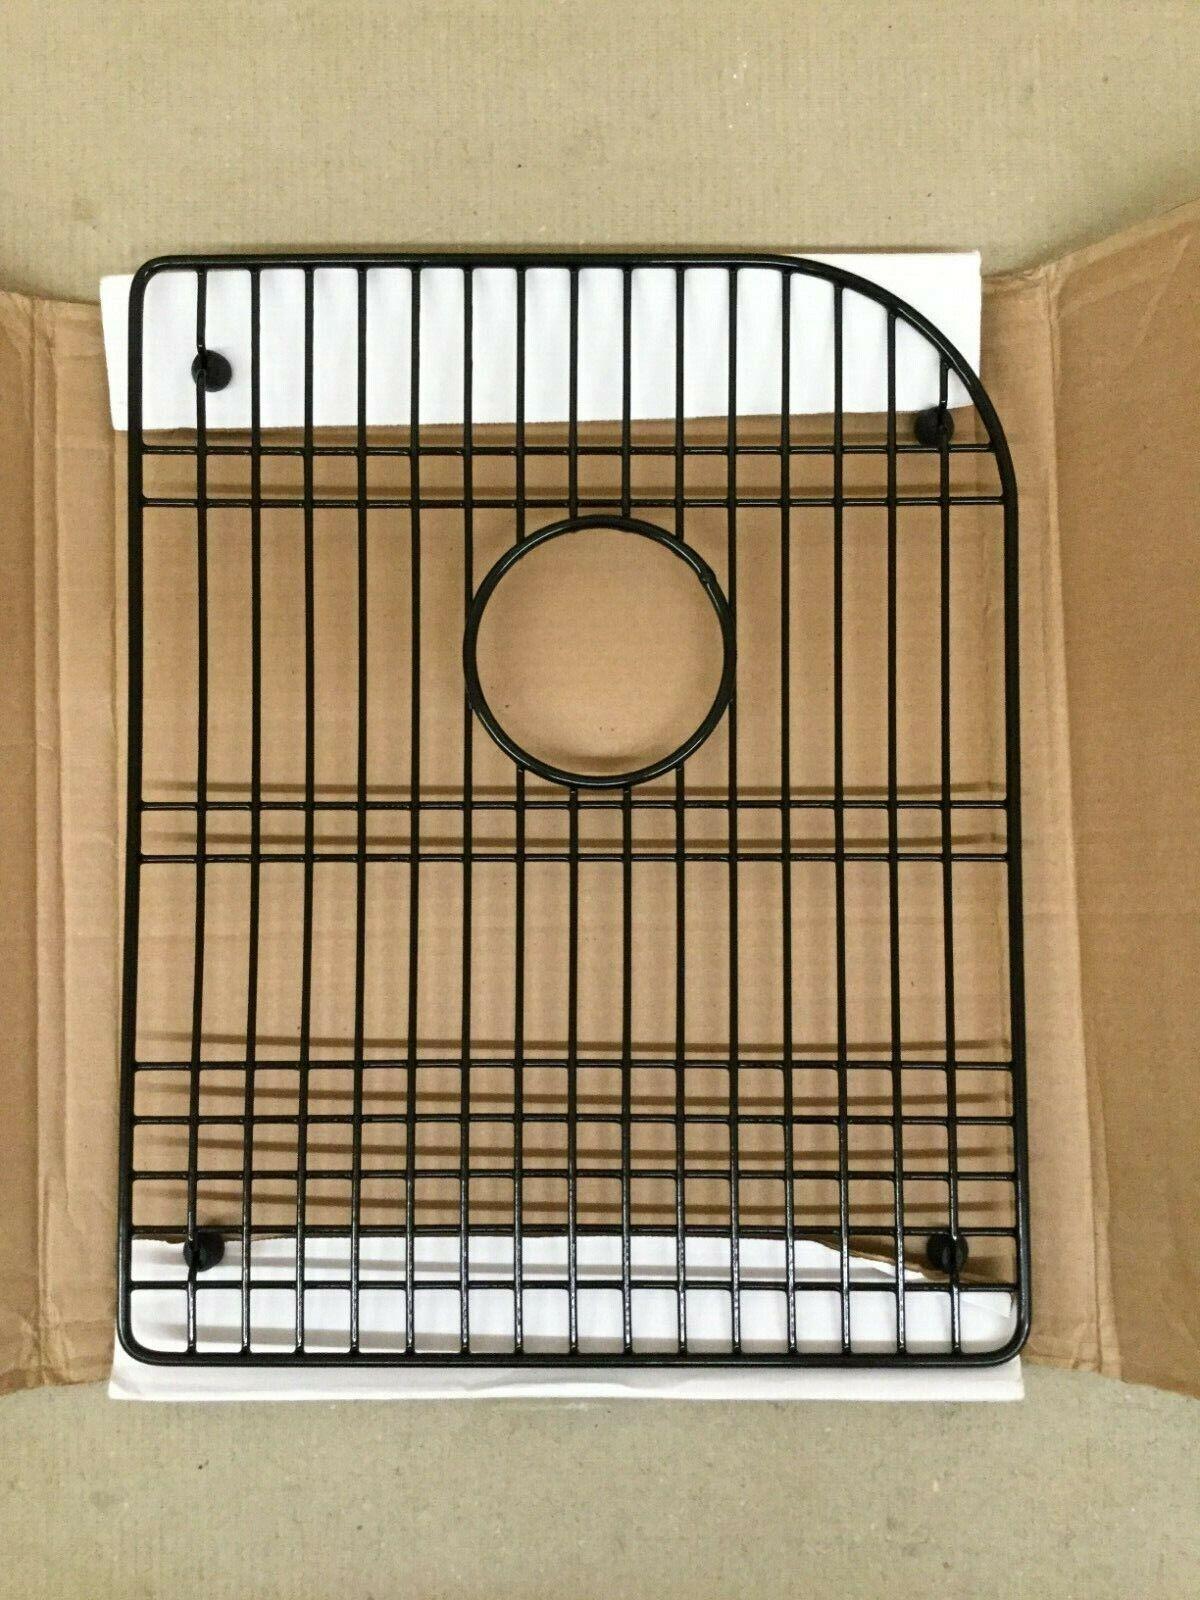 WHITE Kohler K-6000-0//84383 Efficiency sink rack 14-1//4 x 17-1//2